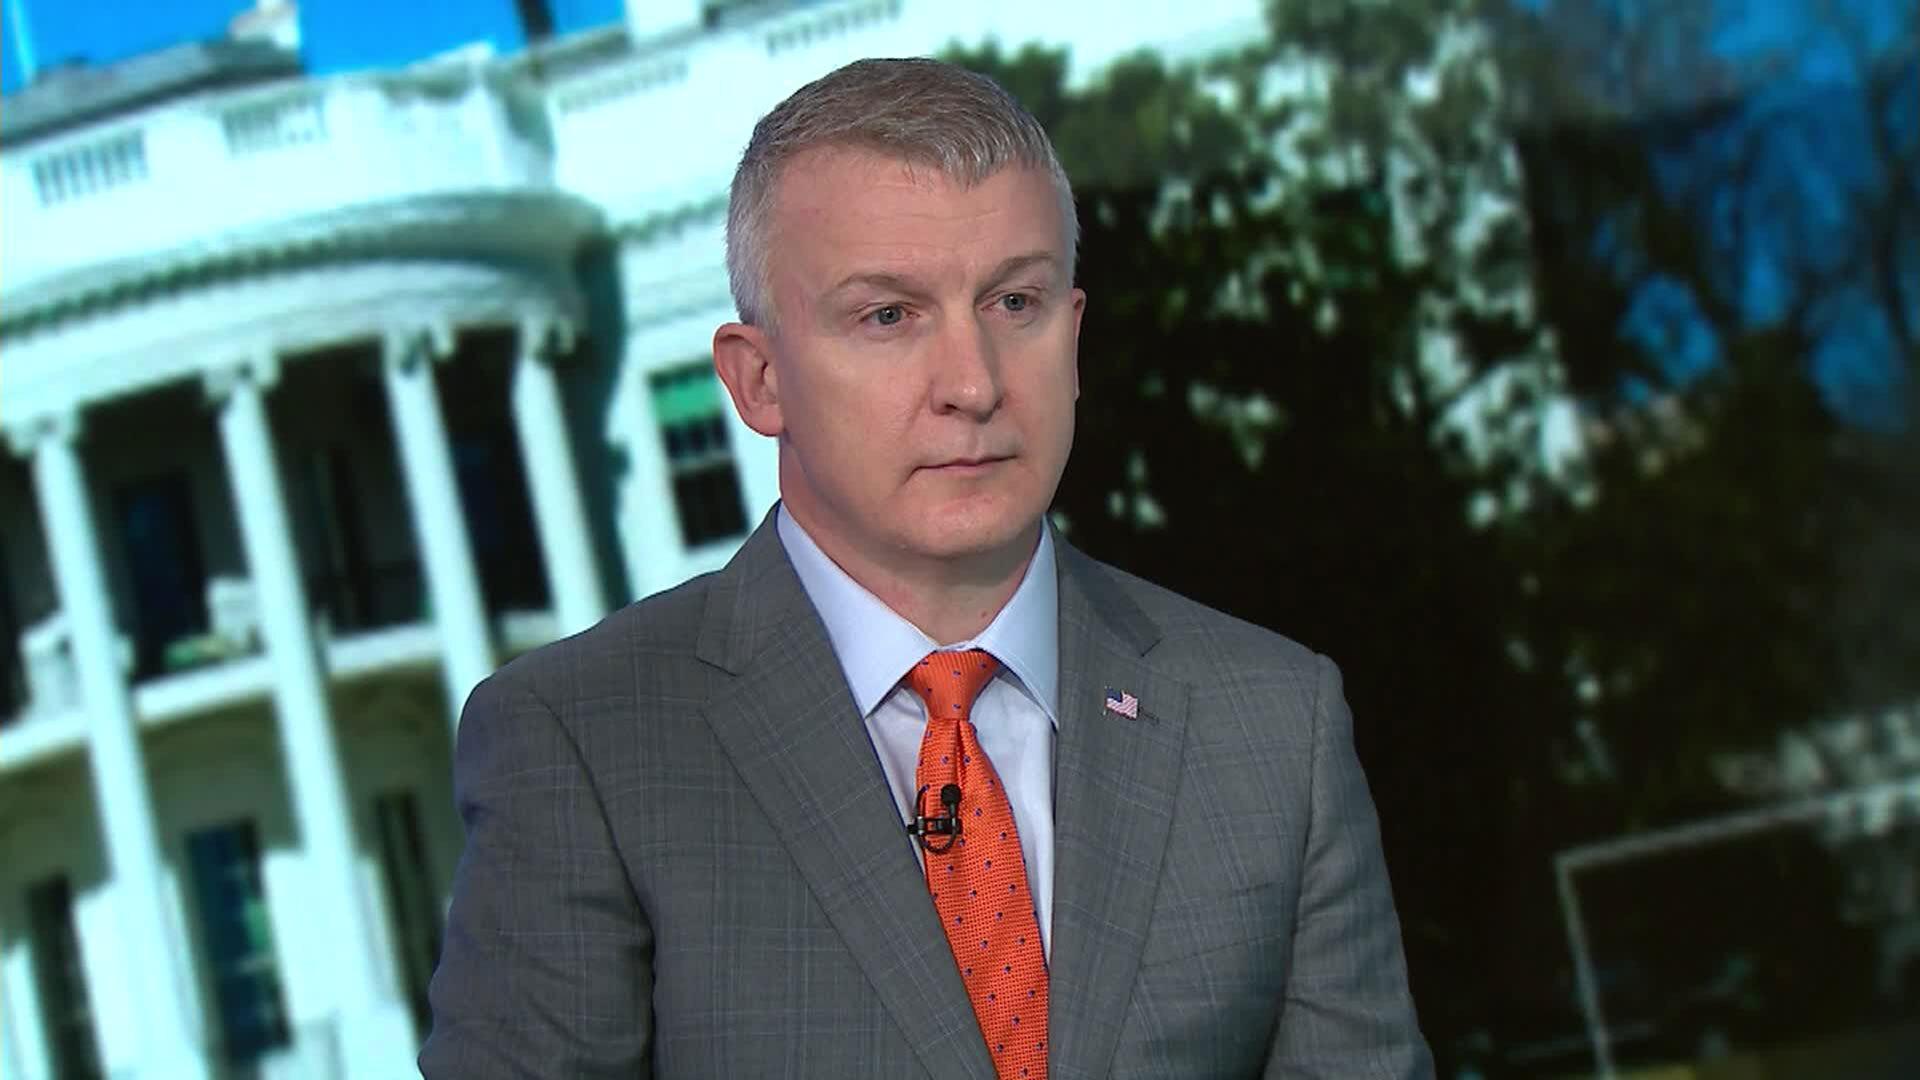 Rick Bright speaks with CNN's Jake Tapper on Thursday, October 8.